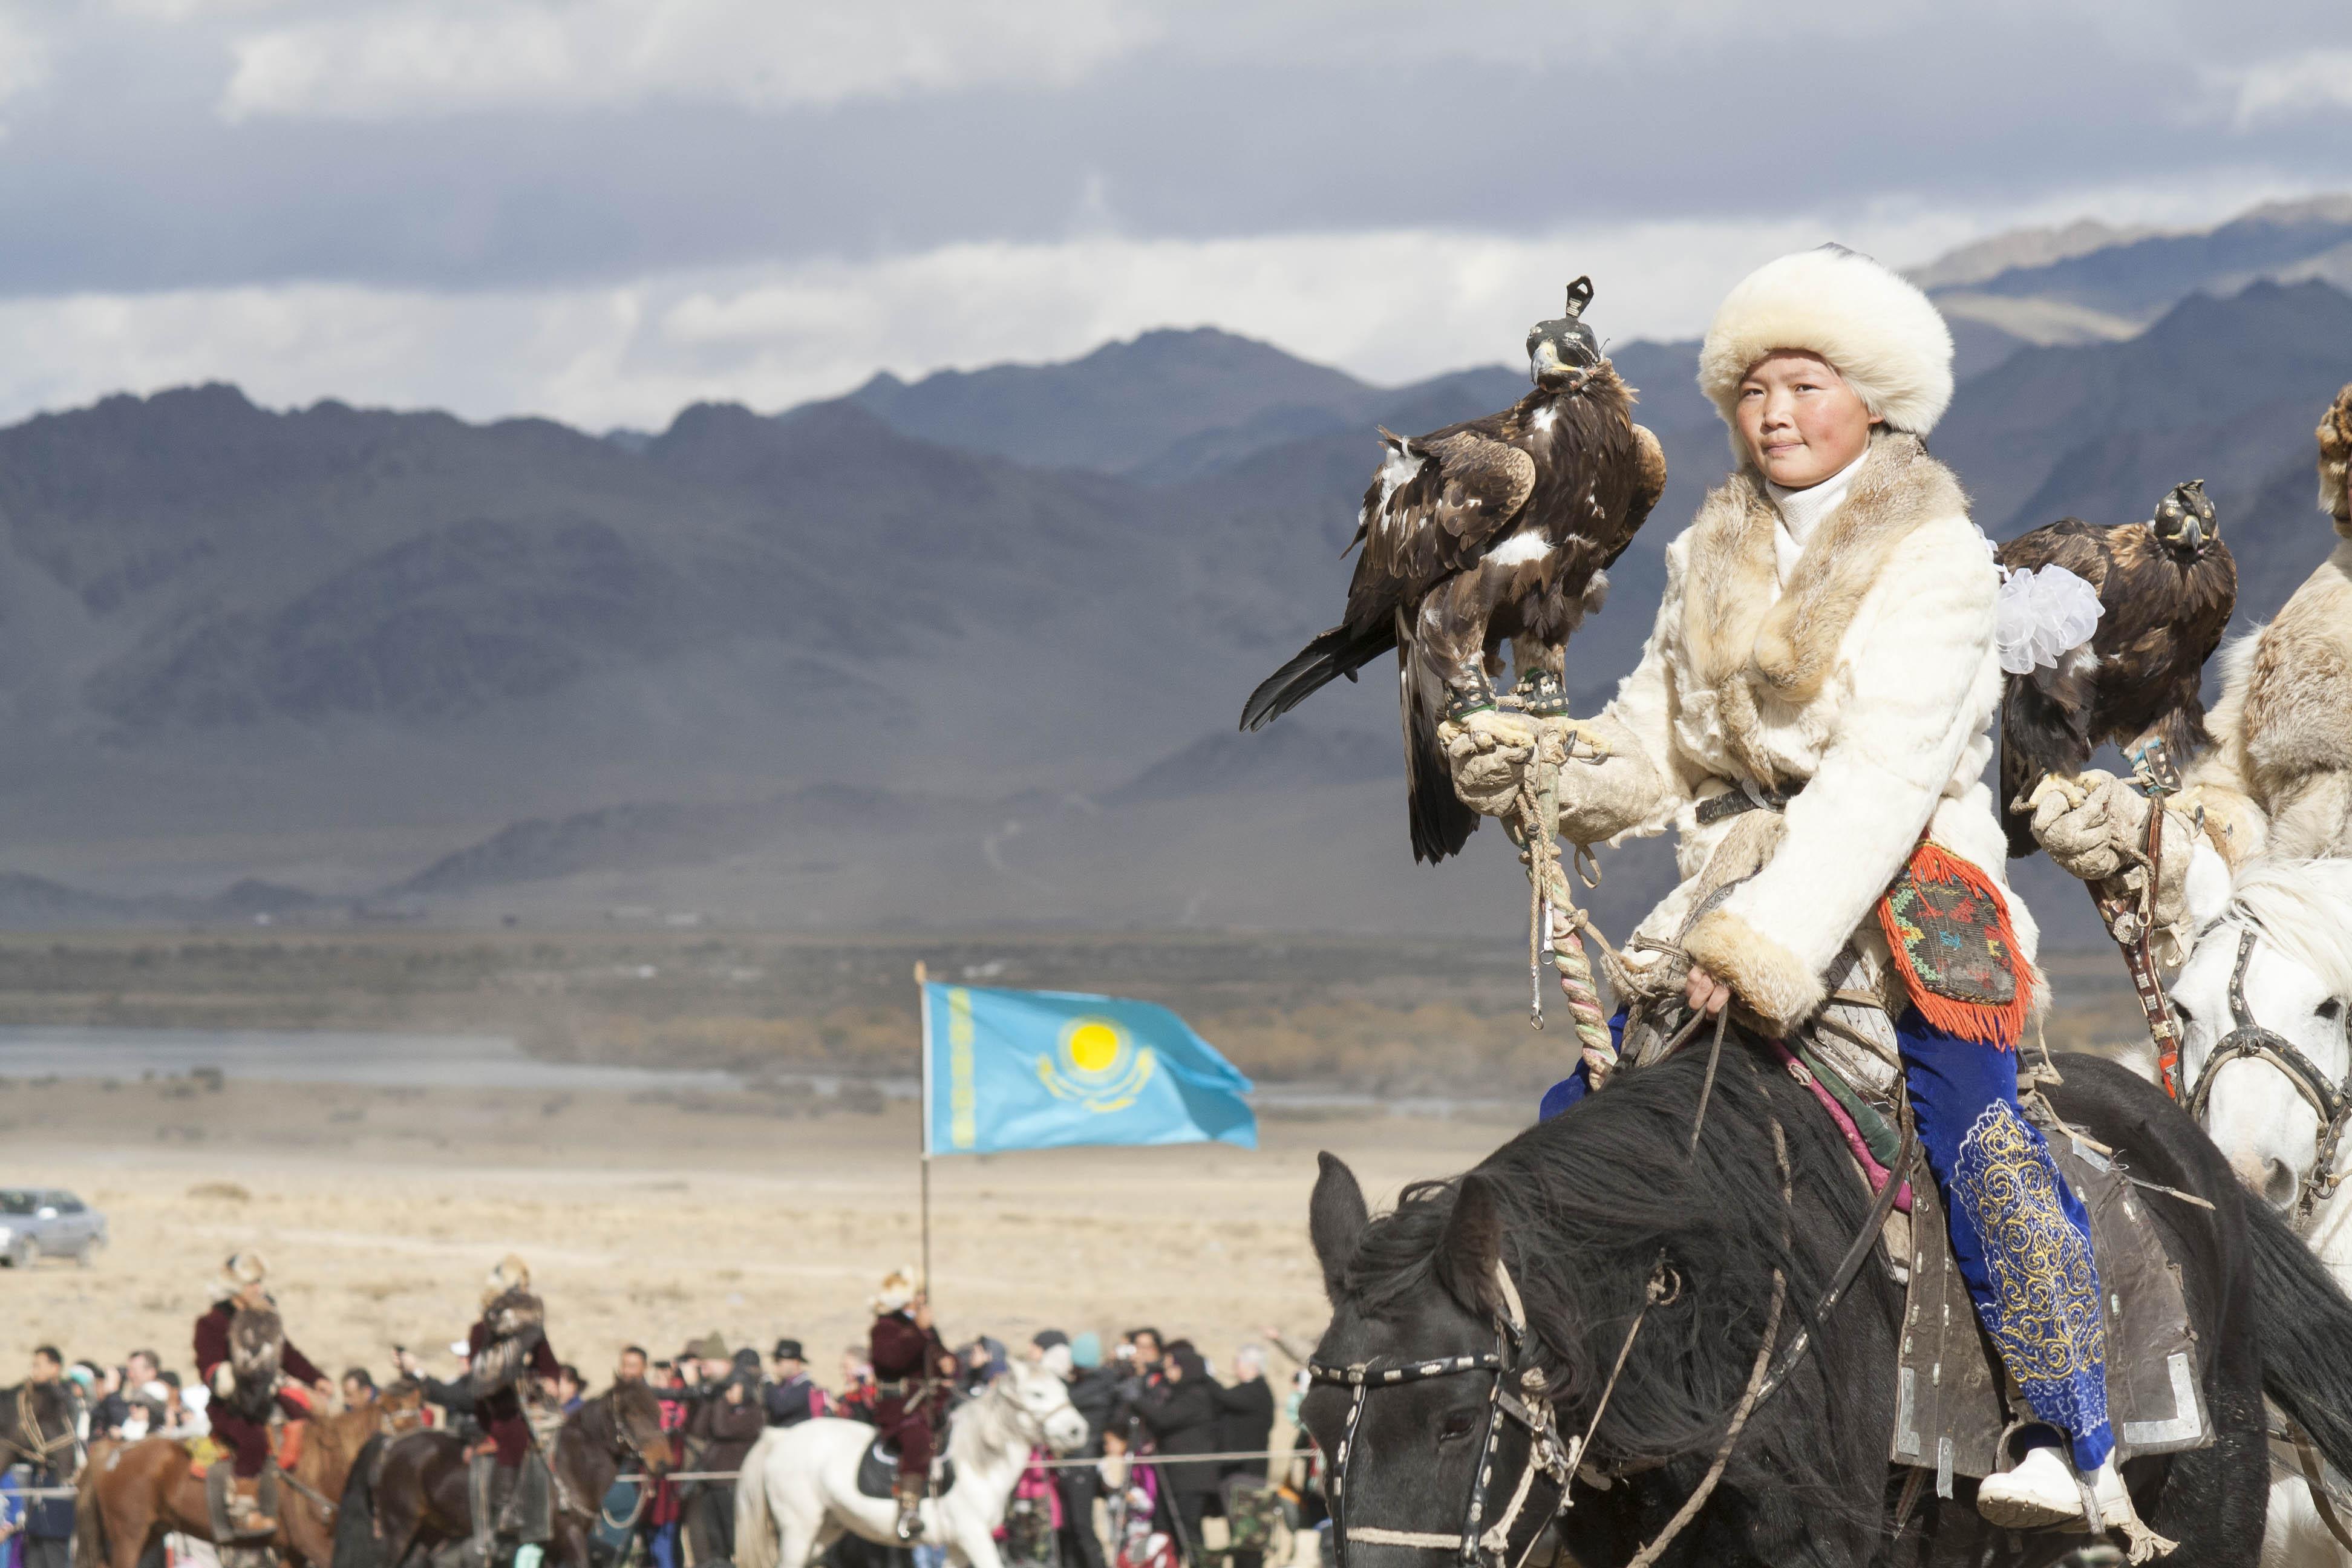 altai-eagle-festival-2